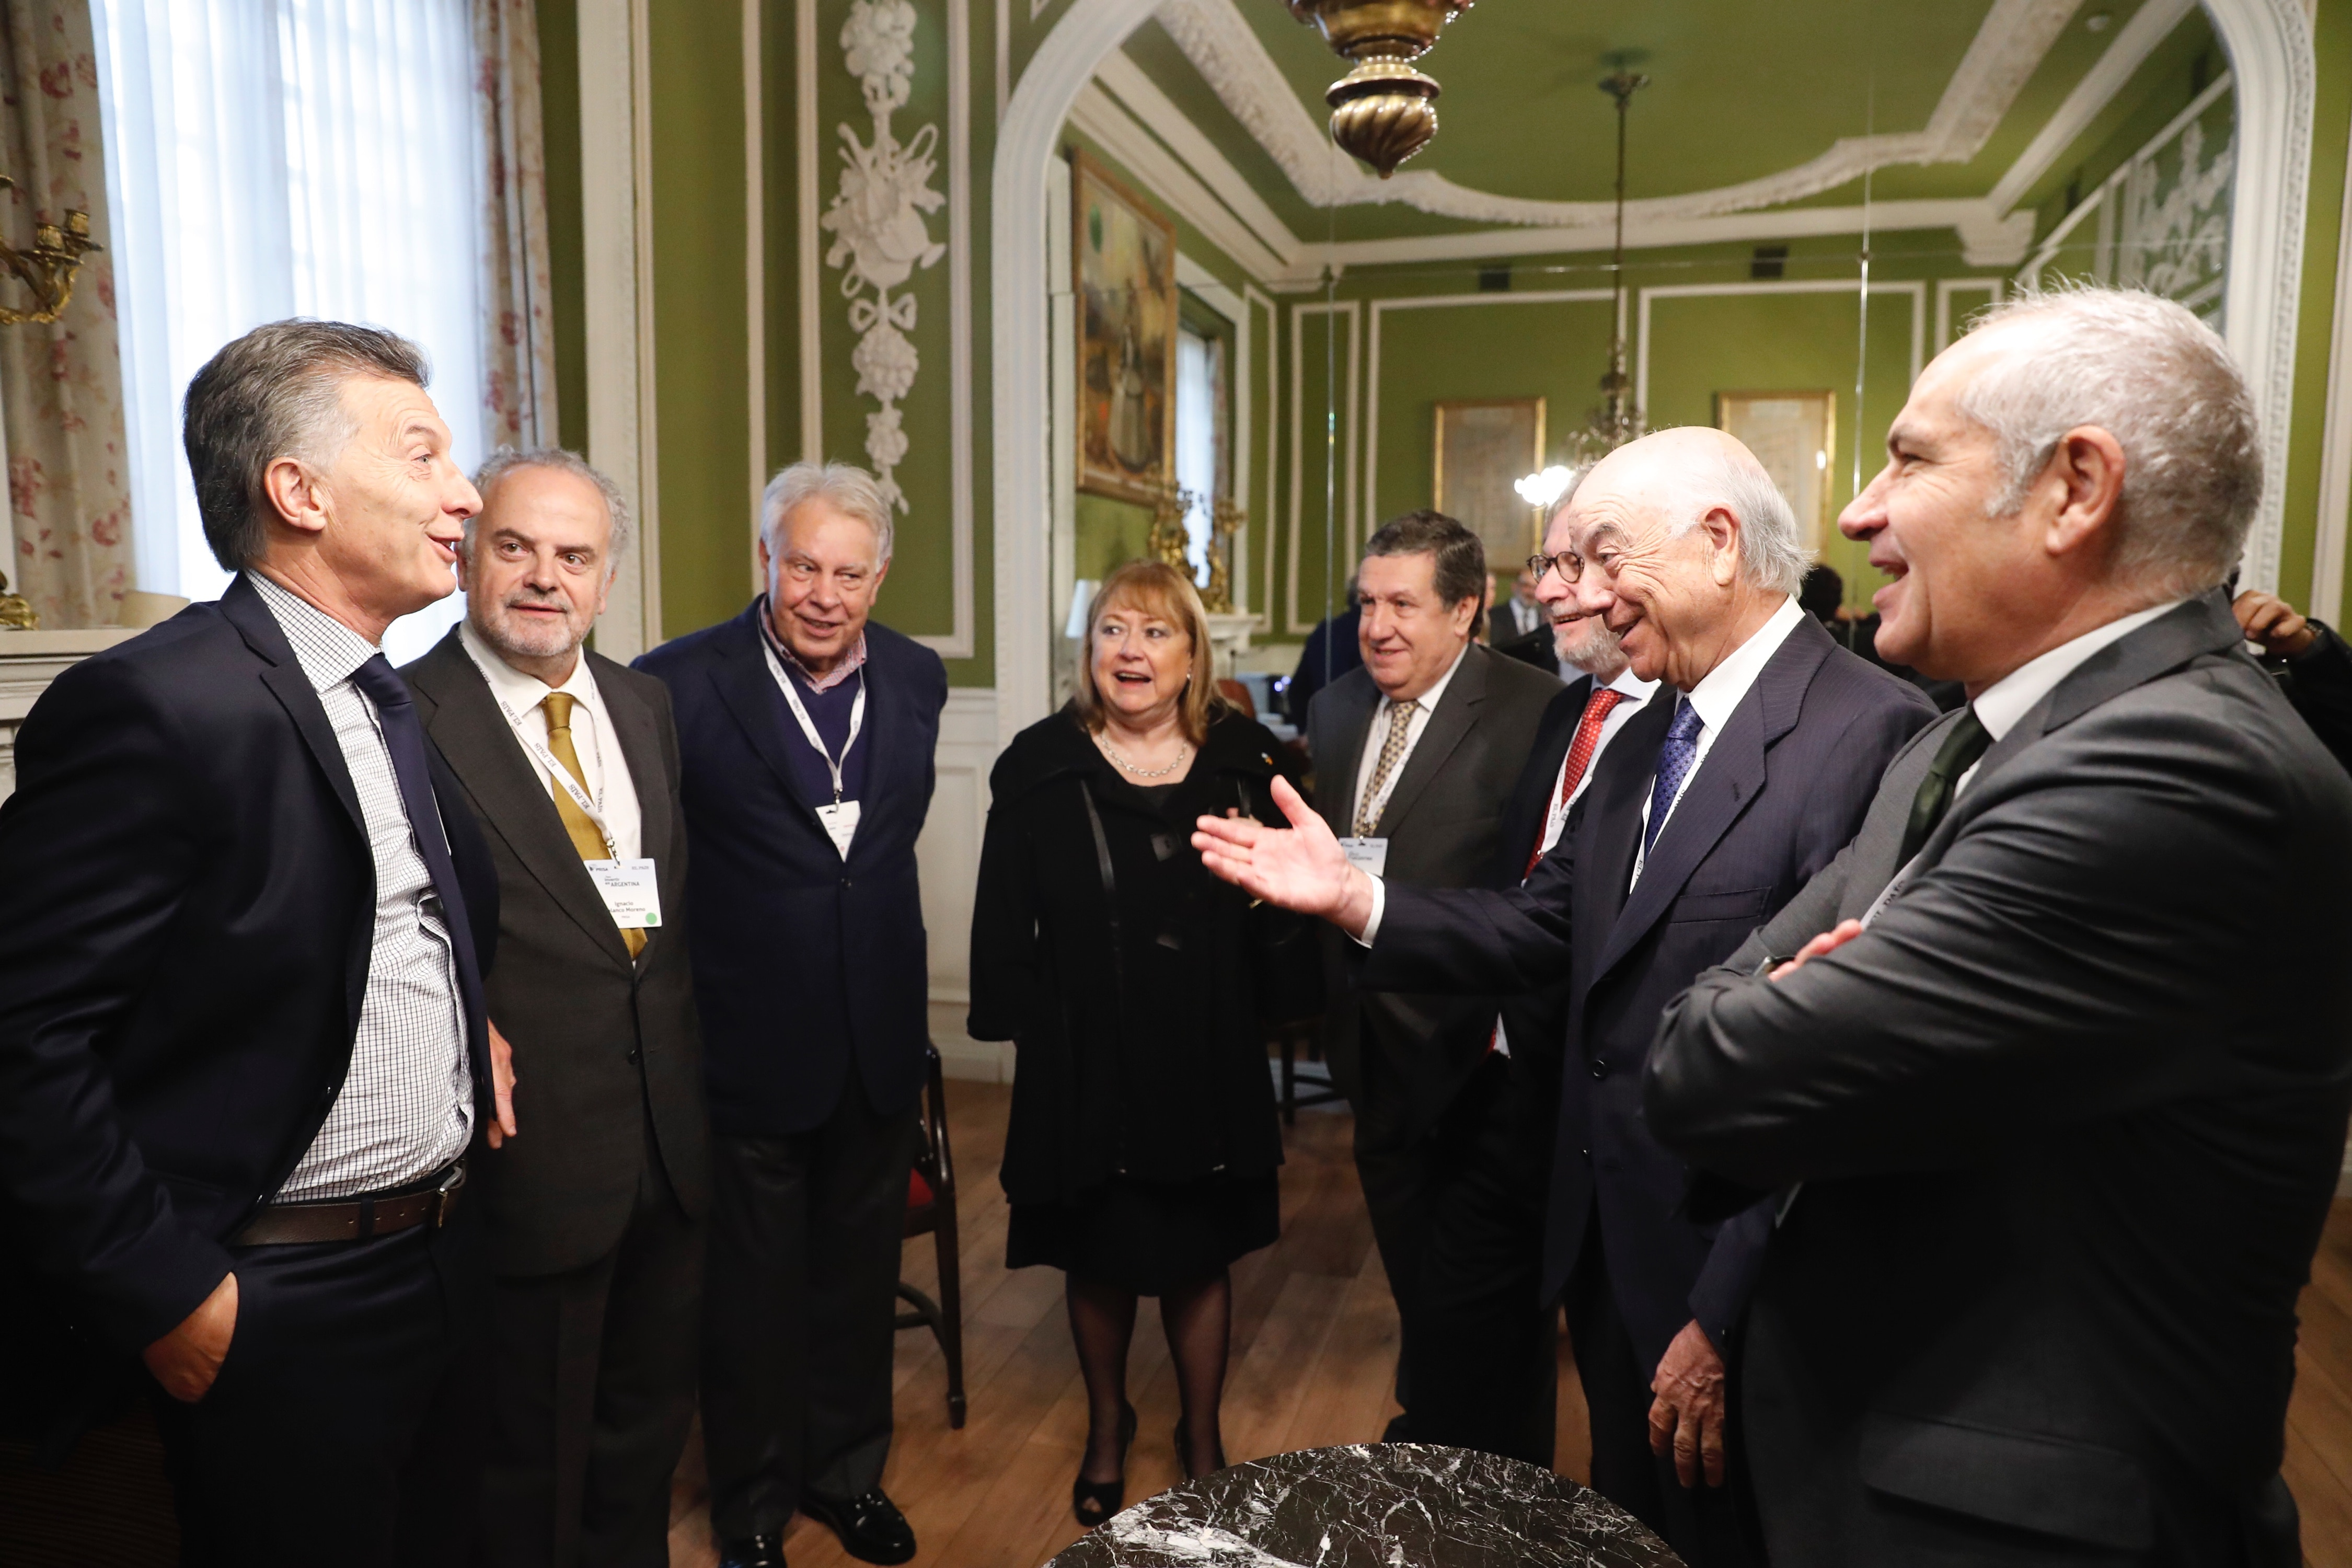 El presidente de BBVA, Francisco González,(derecha) conversa con el presidente de Argentina, Mauricio Macri (izquierda),momentos antes del inicio del evento Invertir en Argentina.